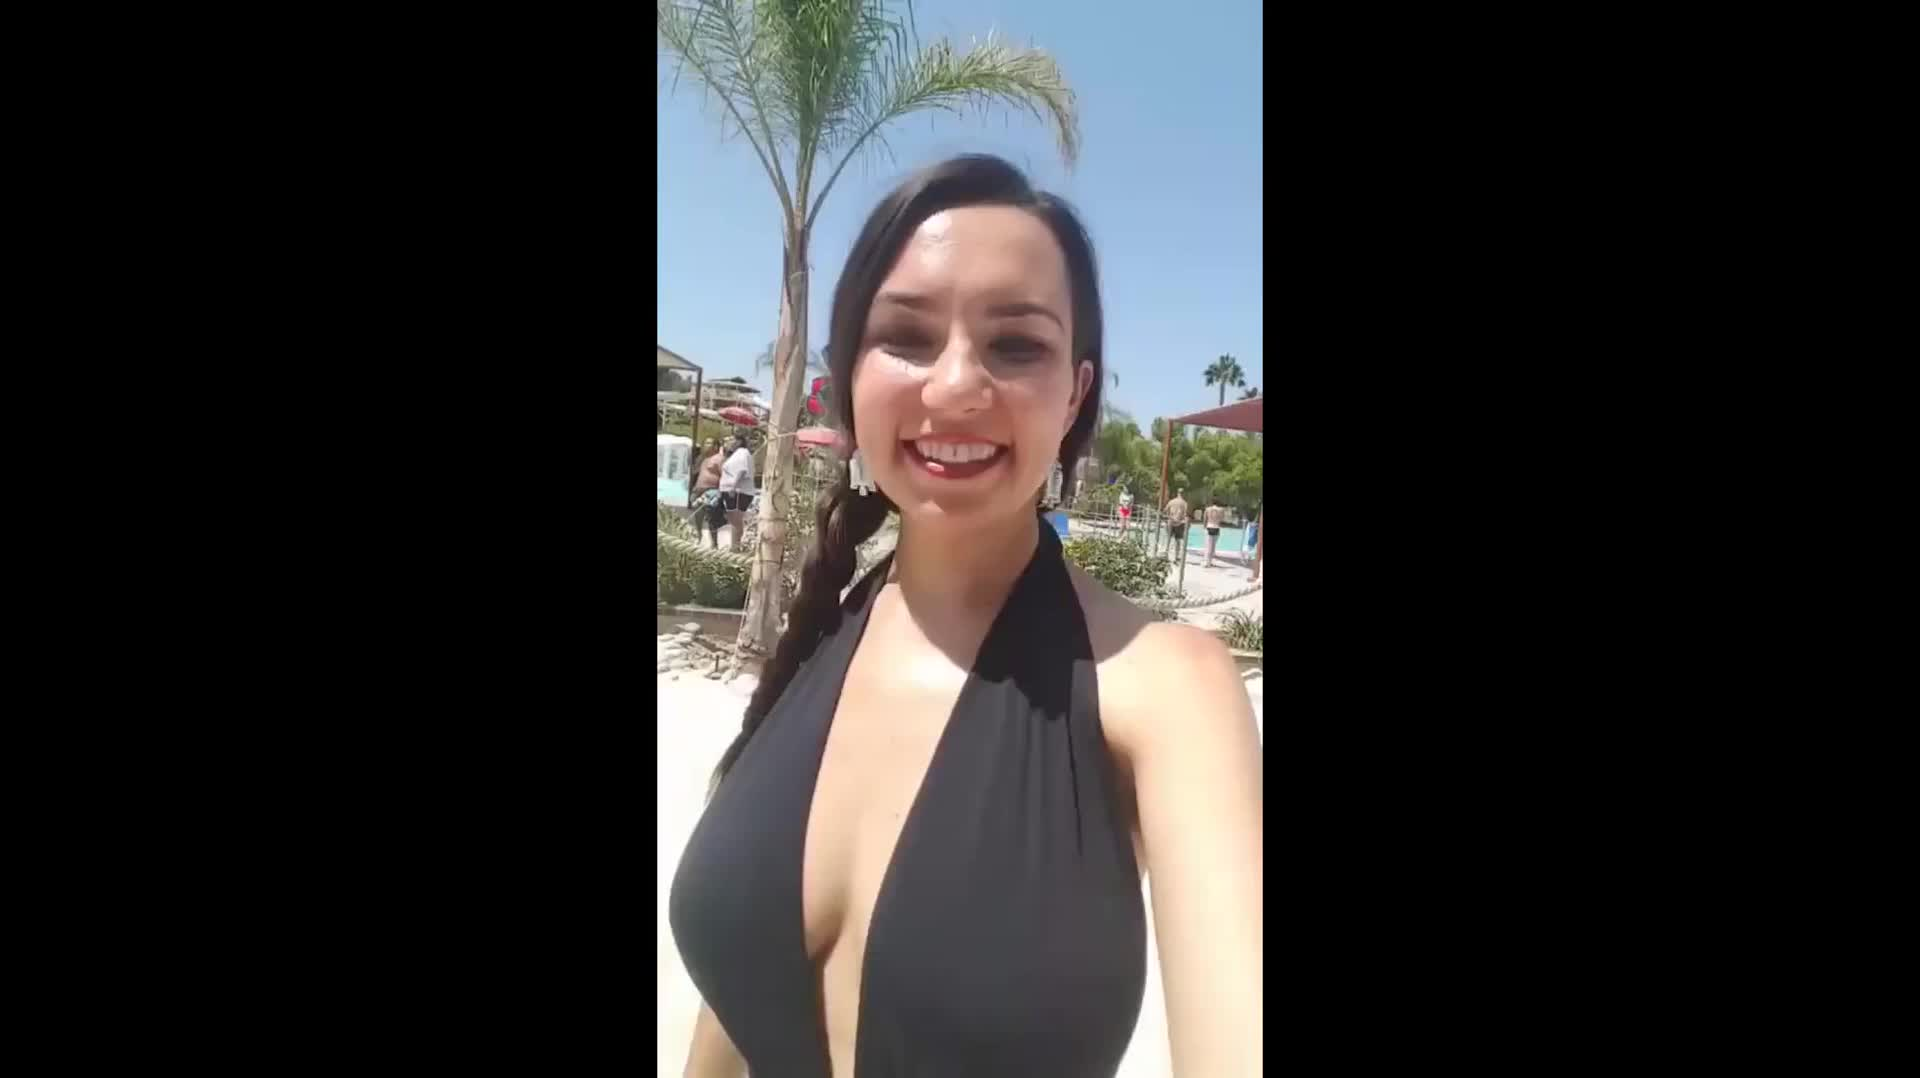 imagesofthe2010s, trishahershberger, Trisha Hershberger Snapchat 26 Aug 2016 GIFs